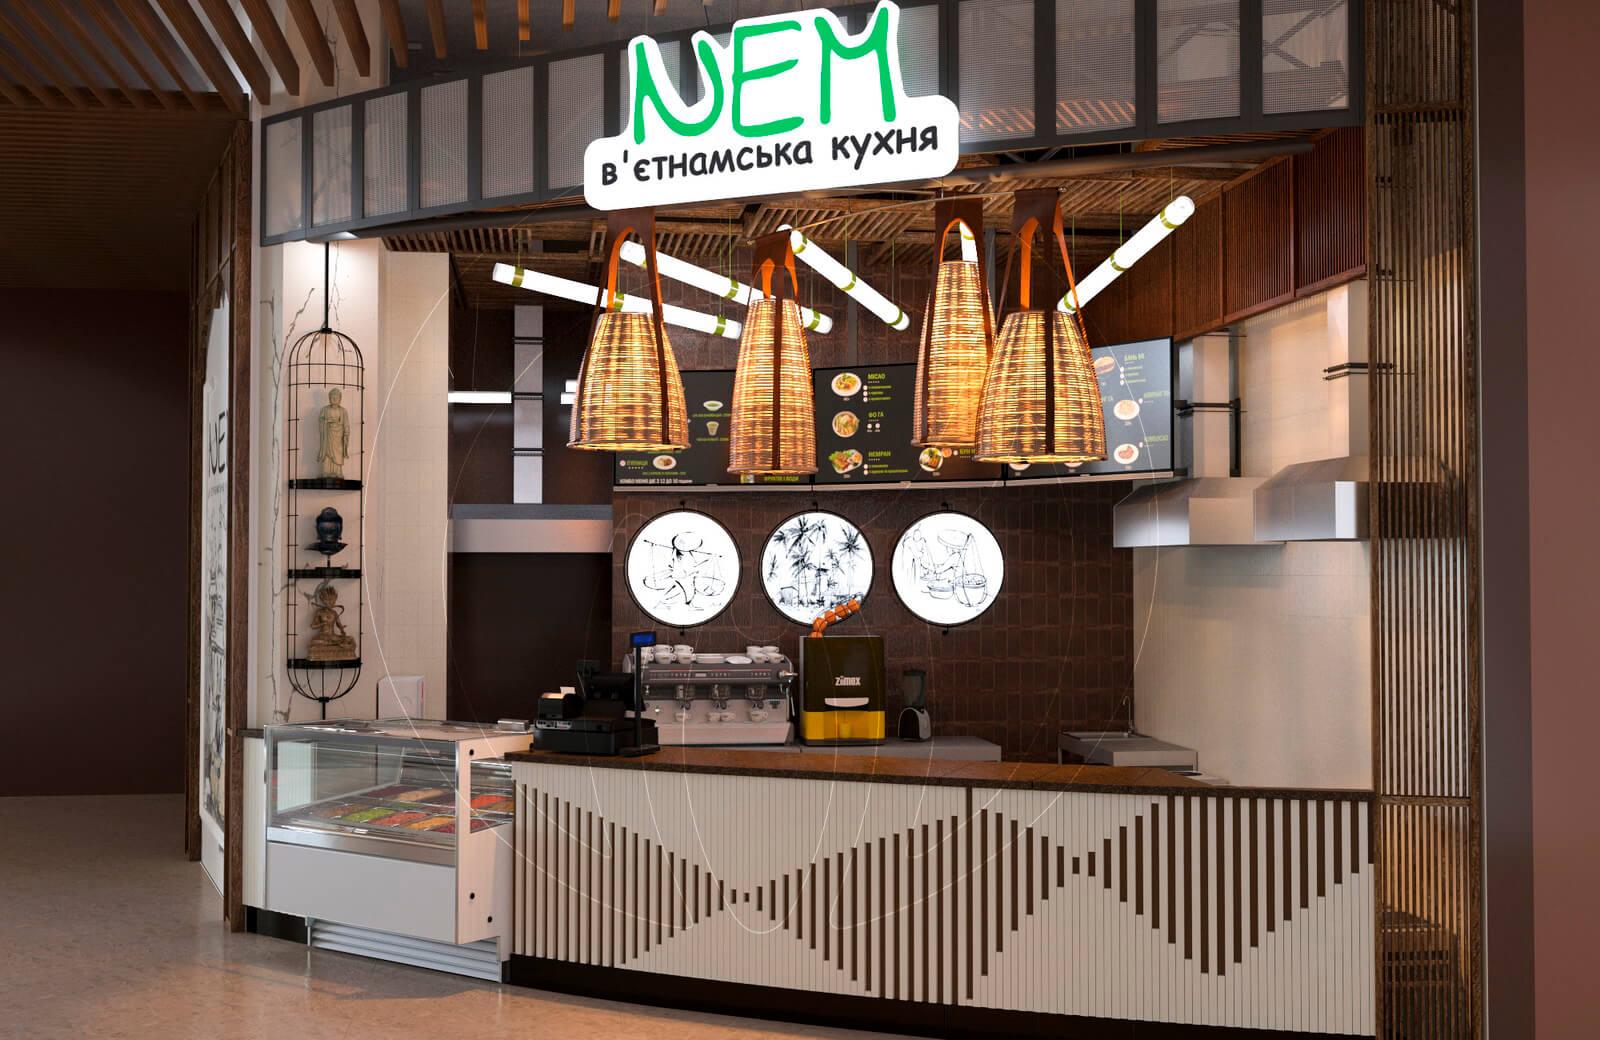 Ресторан fast food NEM. Зона выдачи готовых блюд